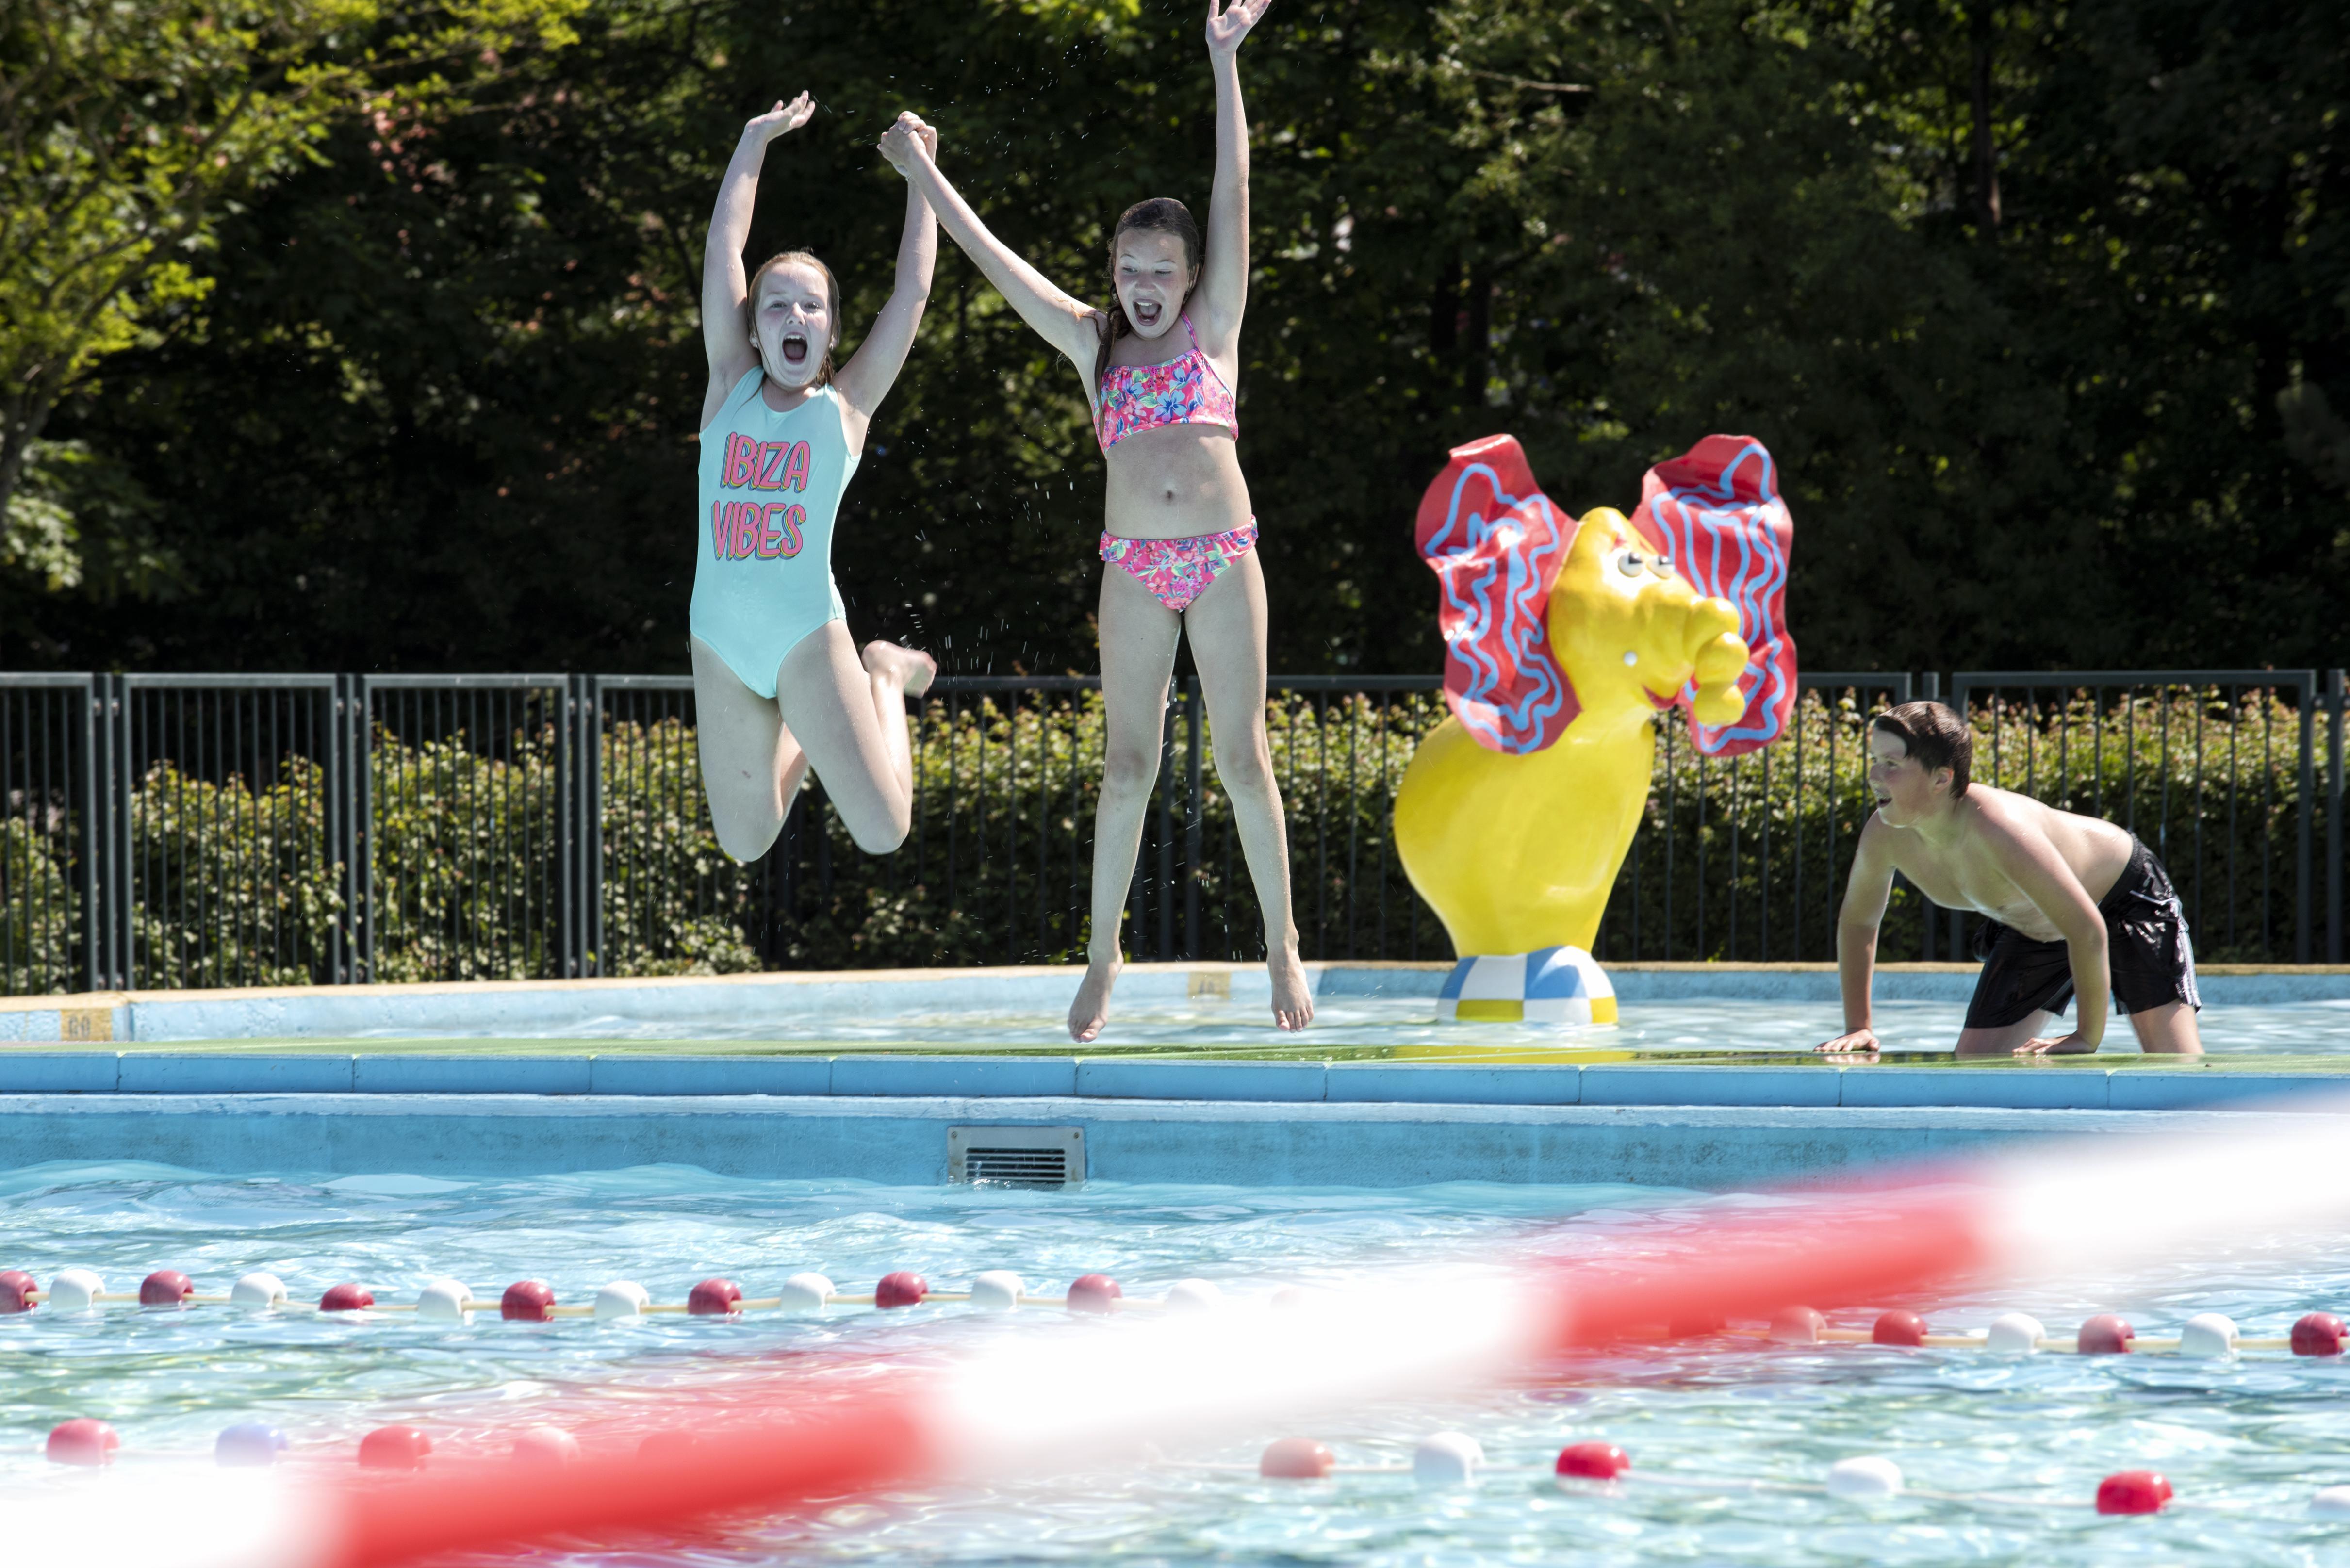 Hoera, zwembad De Zien is coronaproof: 'Als het hier niet was opengegaan was ik in het Uitgeestermeer gedoken'